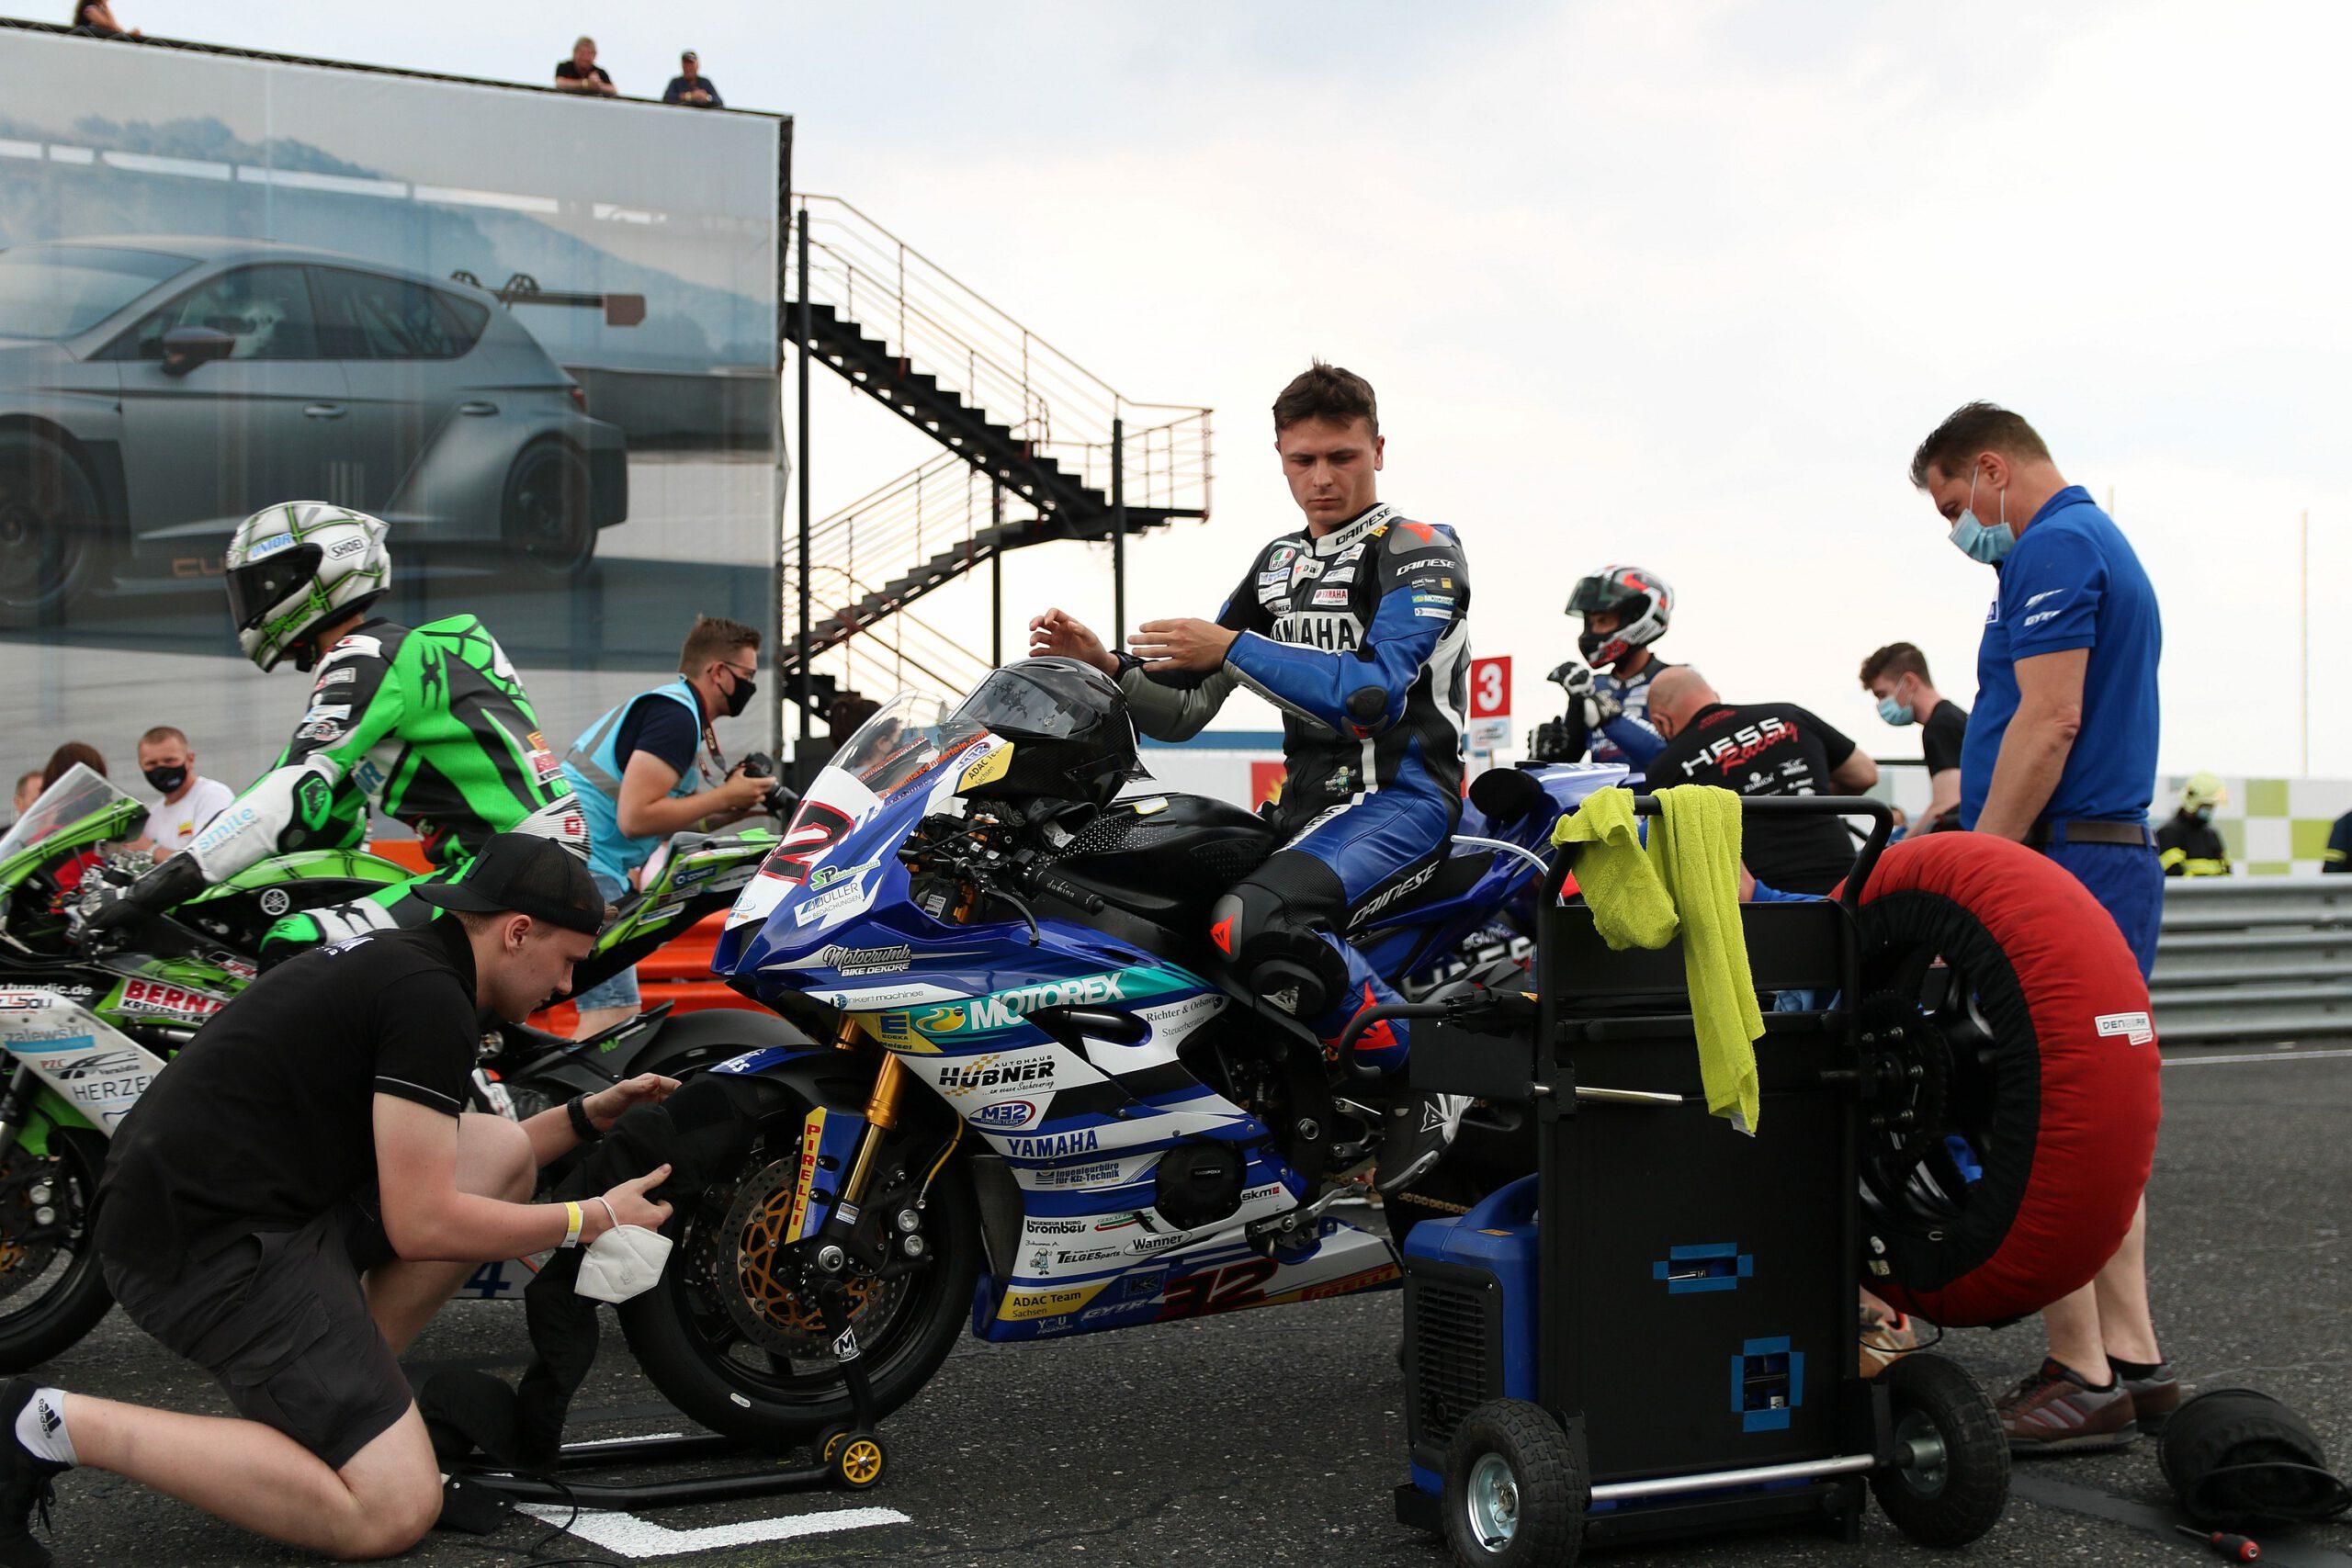 Das M32 Racing Team bei den Startvorbereitungen zum ersten IDM-Rennen 2021 im tschechischen Most.